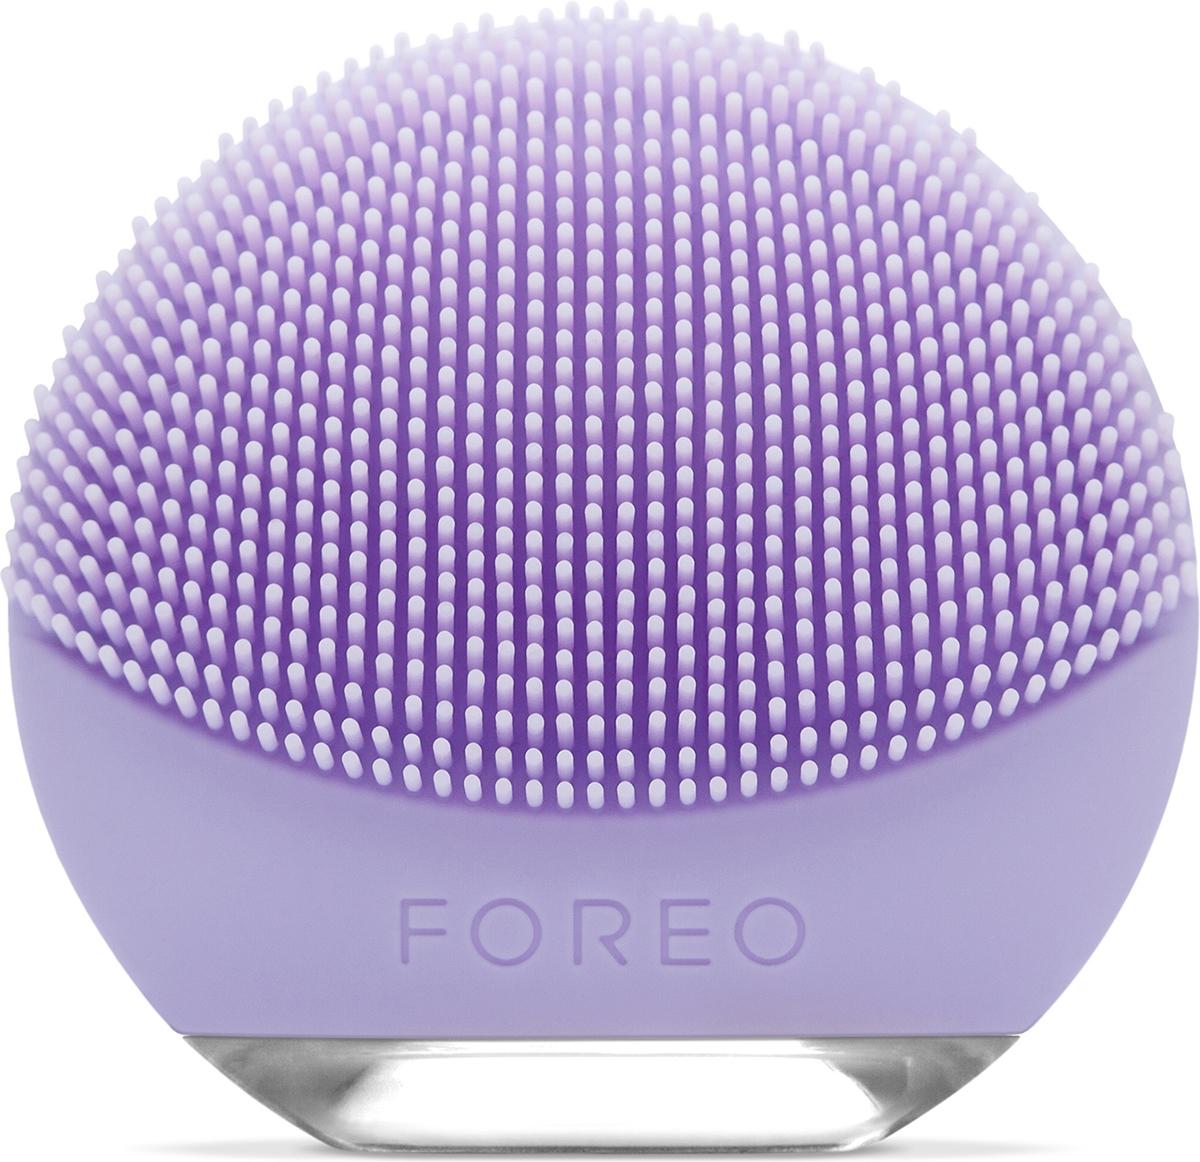 купить Foreo Щетка для очищения лица Luna Go, для чувствительной кожи онлайн